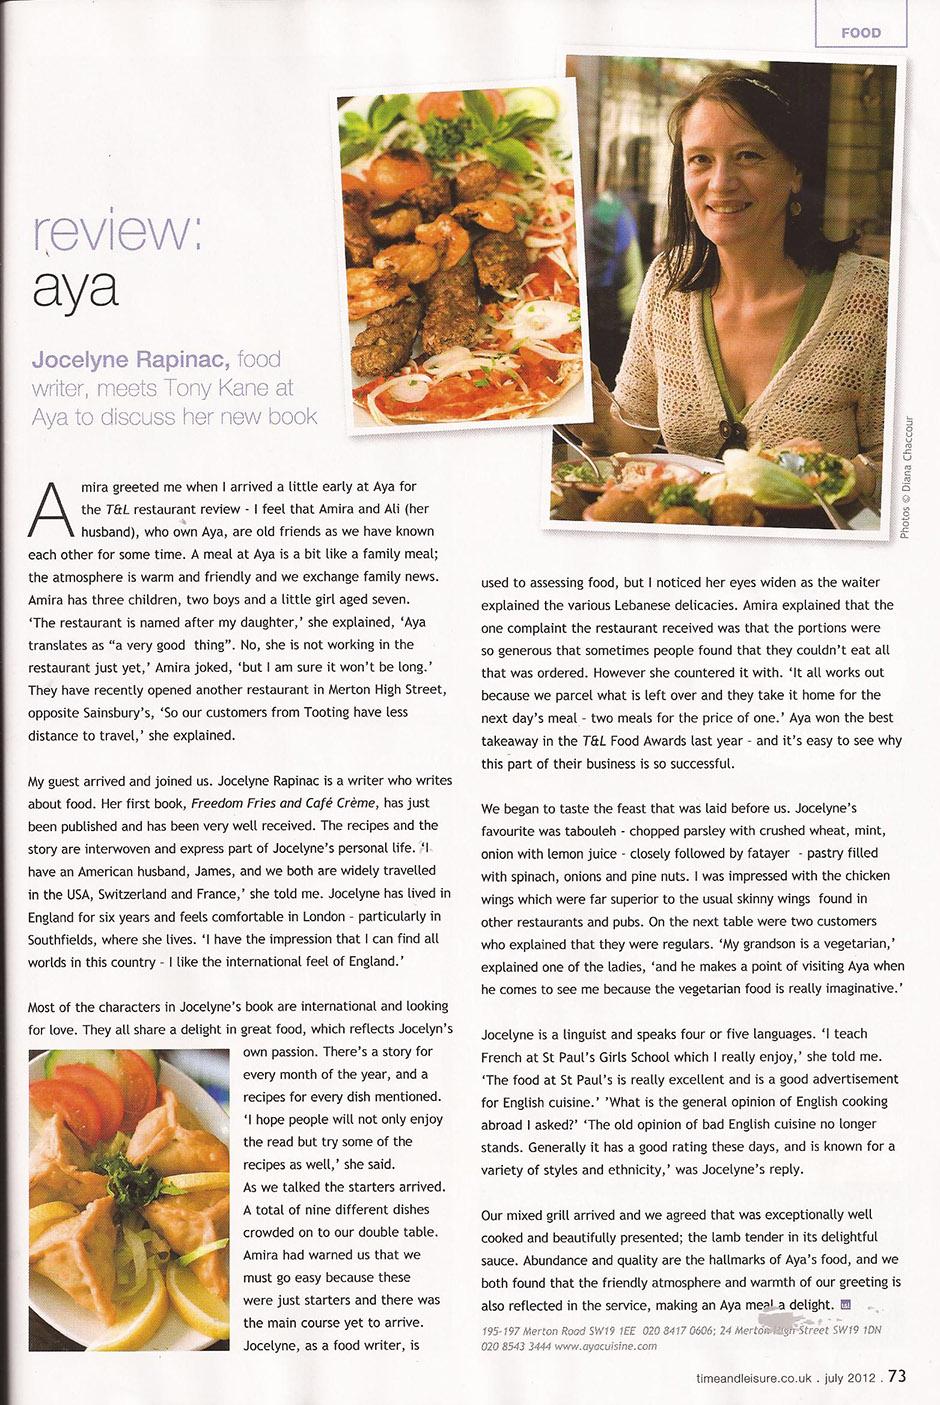 Review: AYA